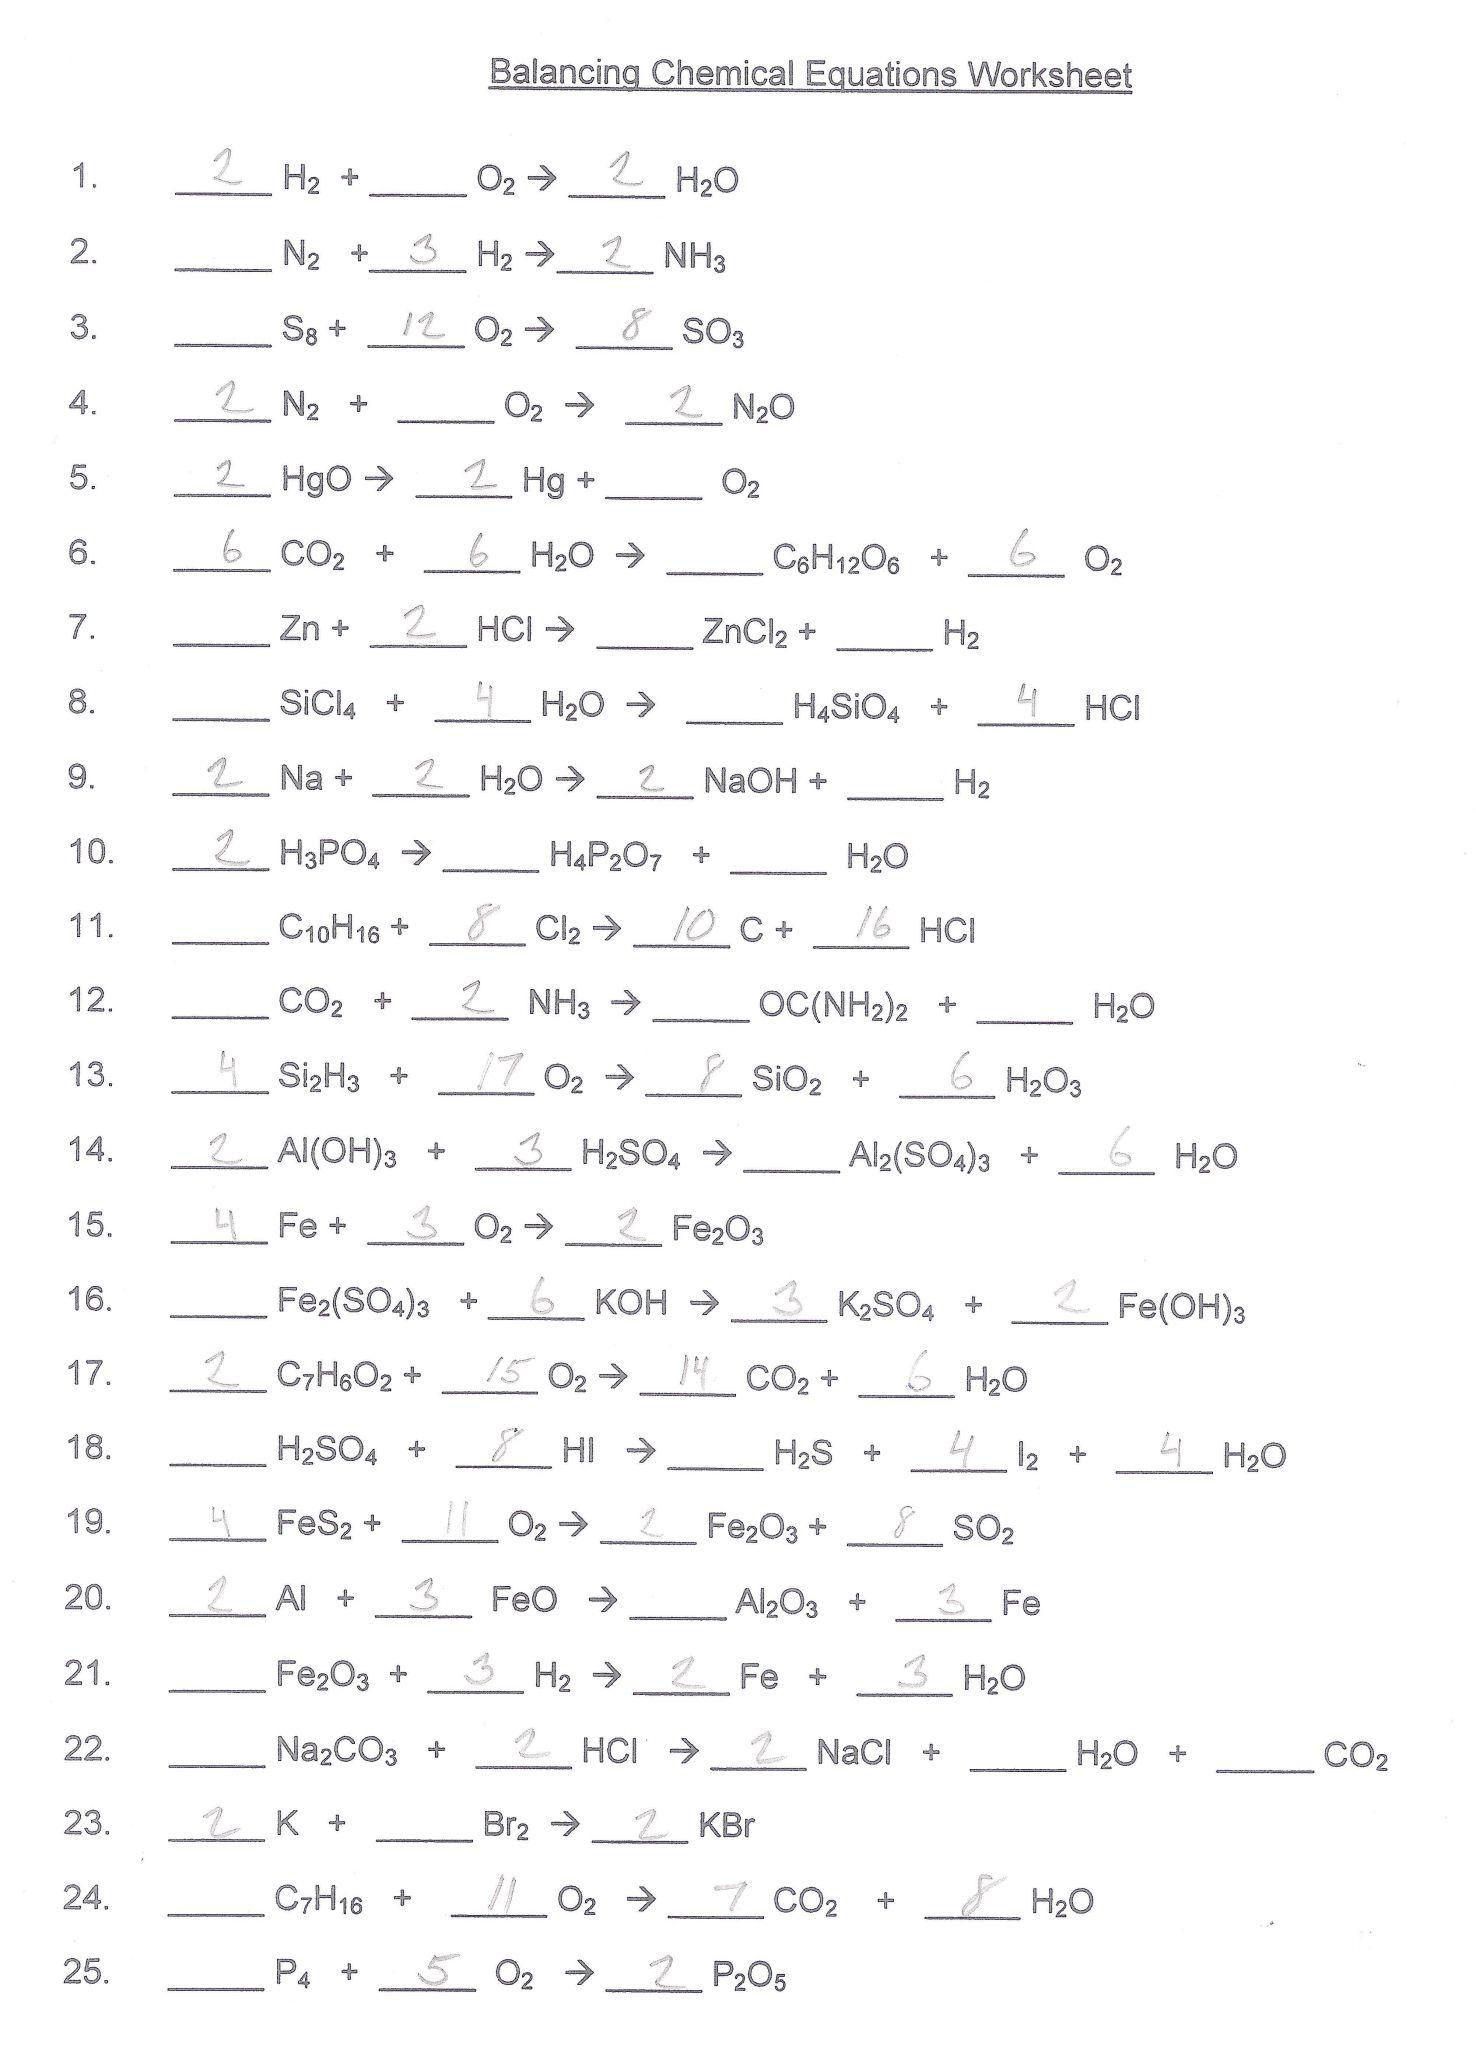 Worksheet 10 Metallic Bonds Answer Key